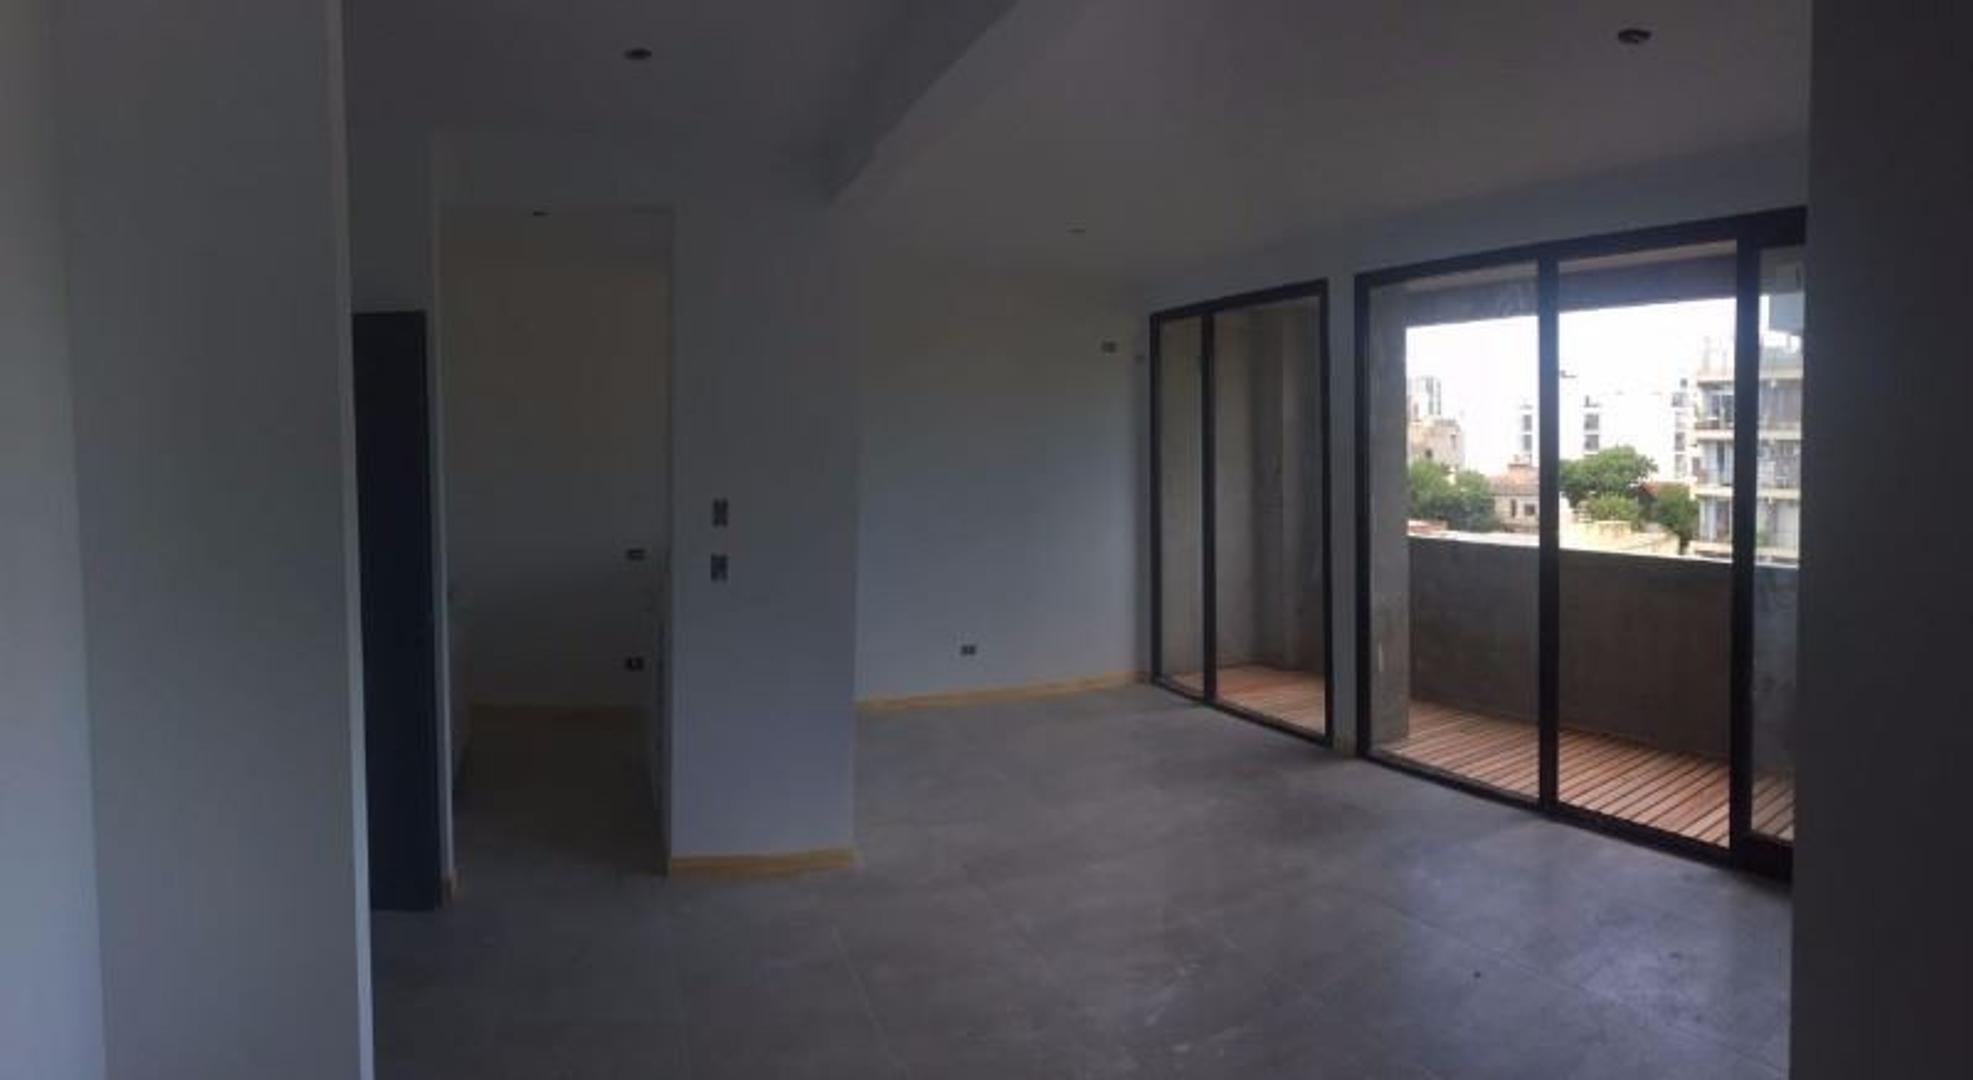 Excelente 2 ambientes con entrega inmediata! 48 m2 cub mas balcon NO APTO CREDITO